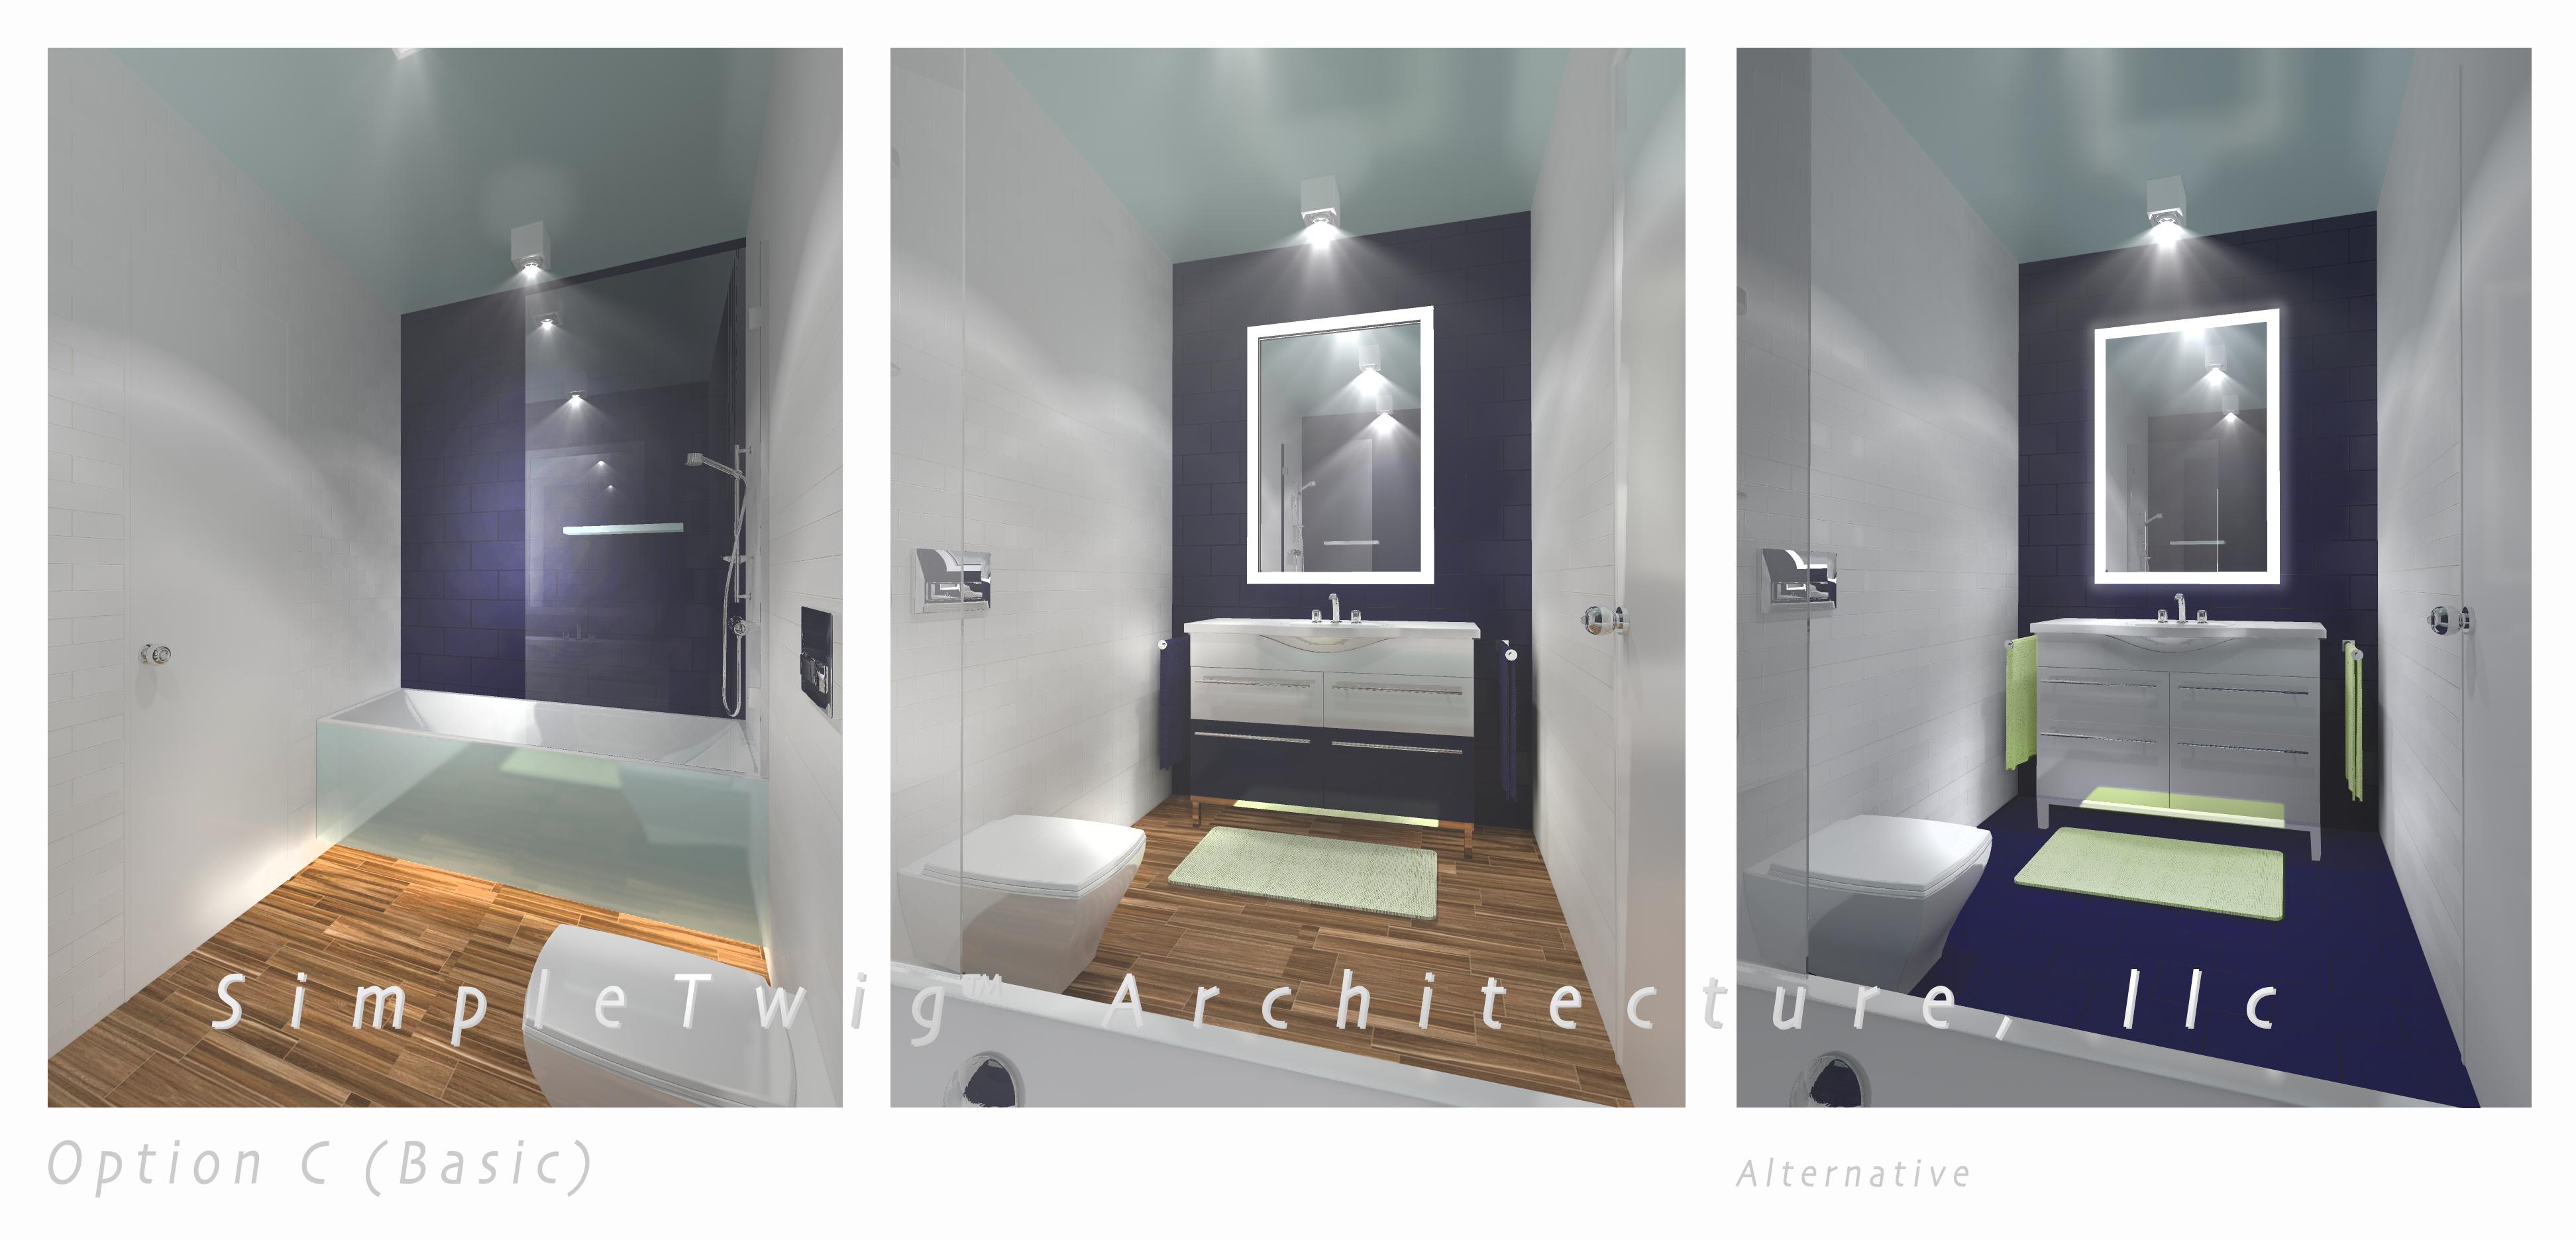 New Residential Development In Brooklyn Bathroom Themes - Bathroom-themes